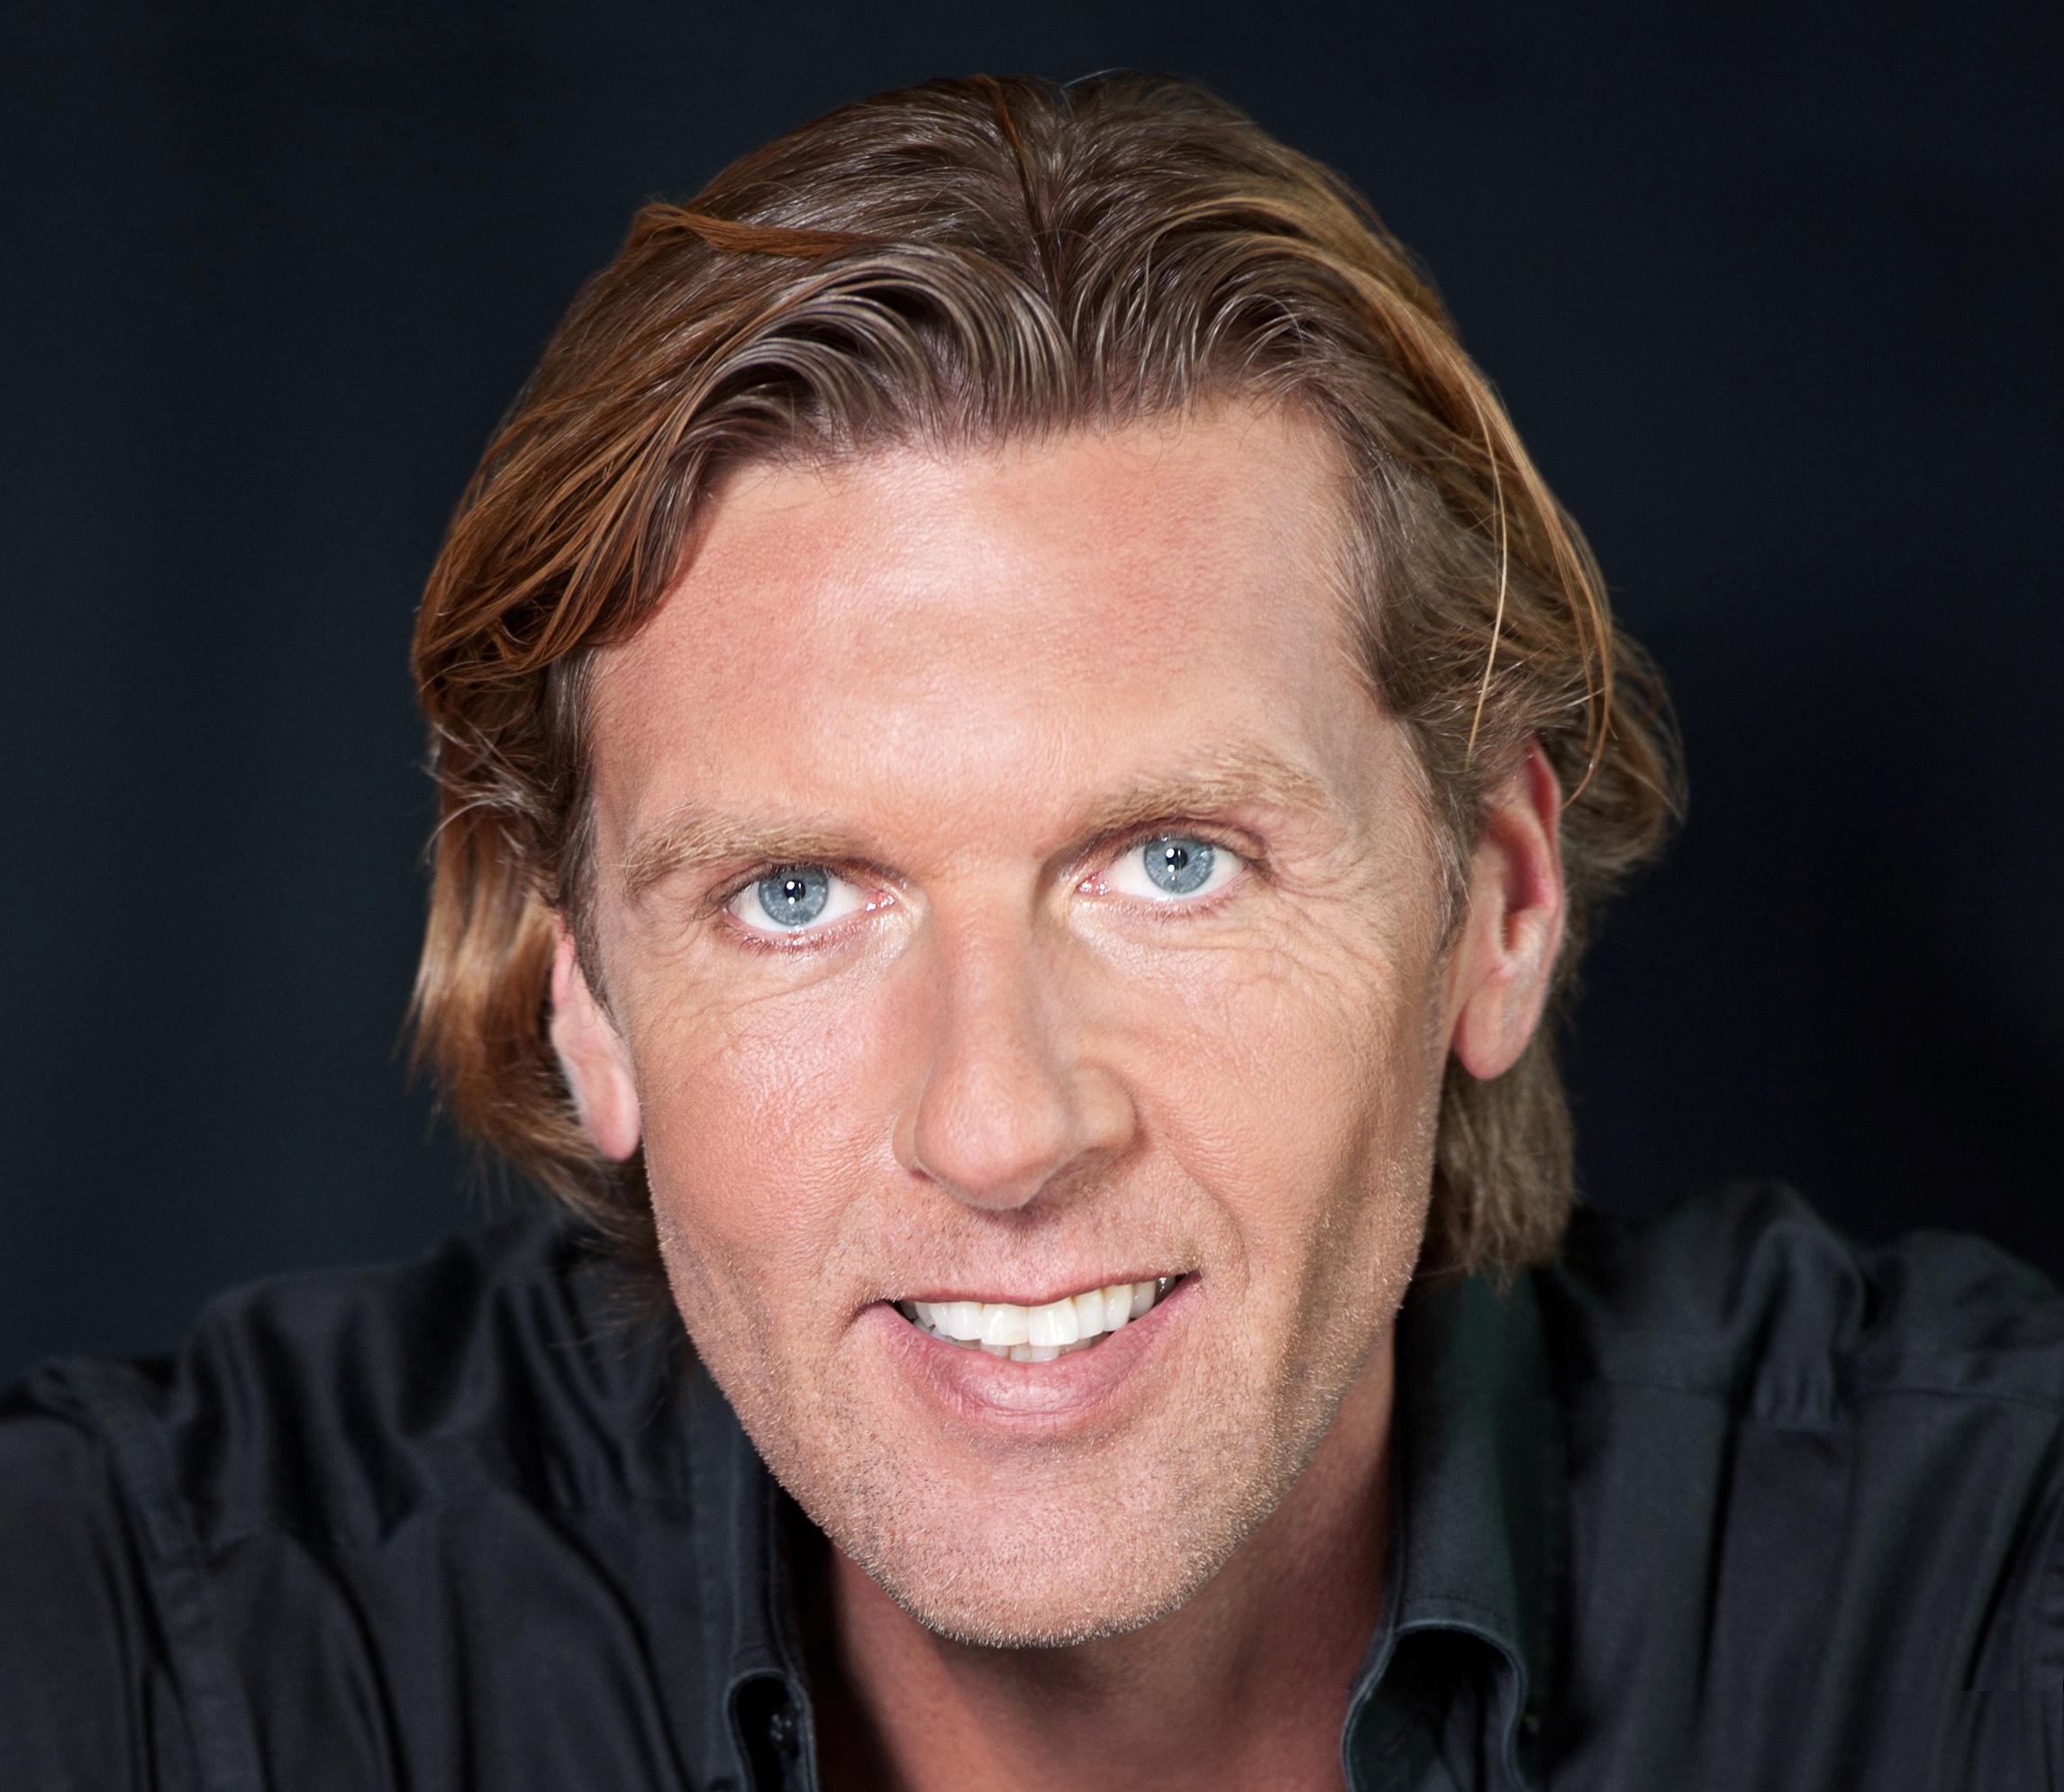 Carsten K. Rath - Key Note Speaker